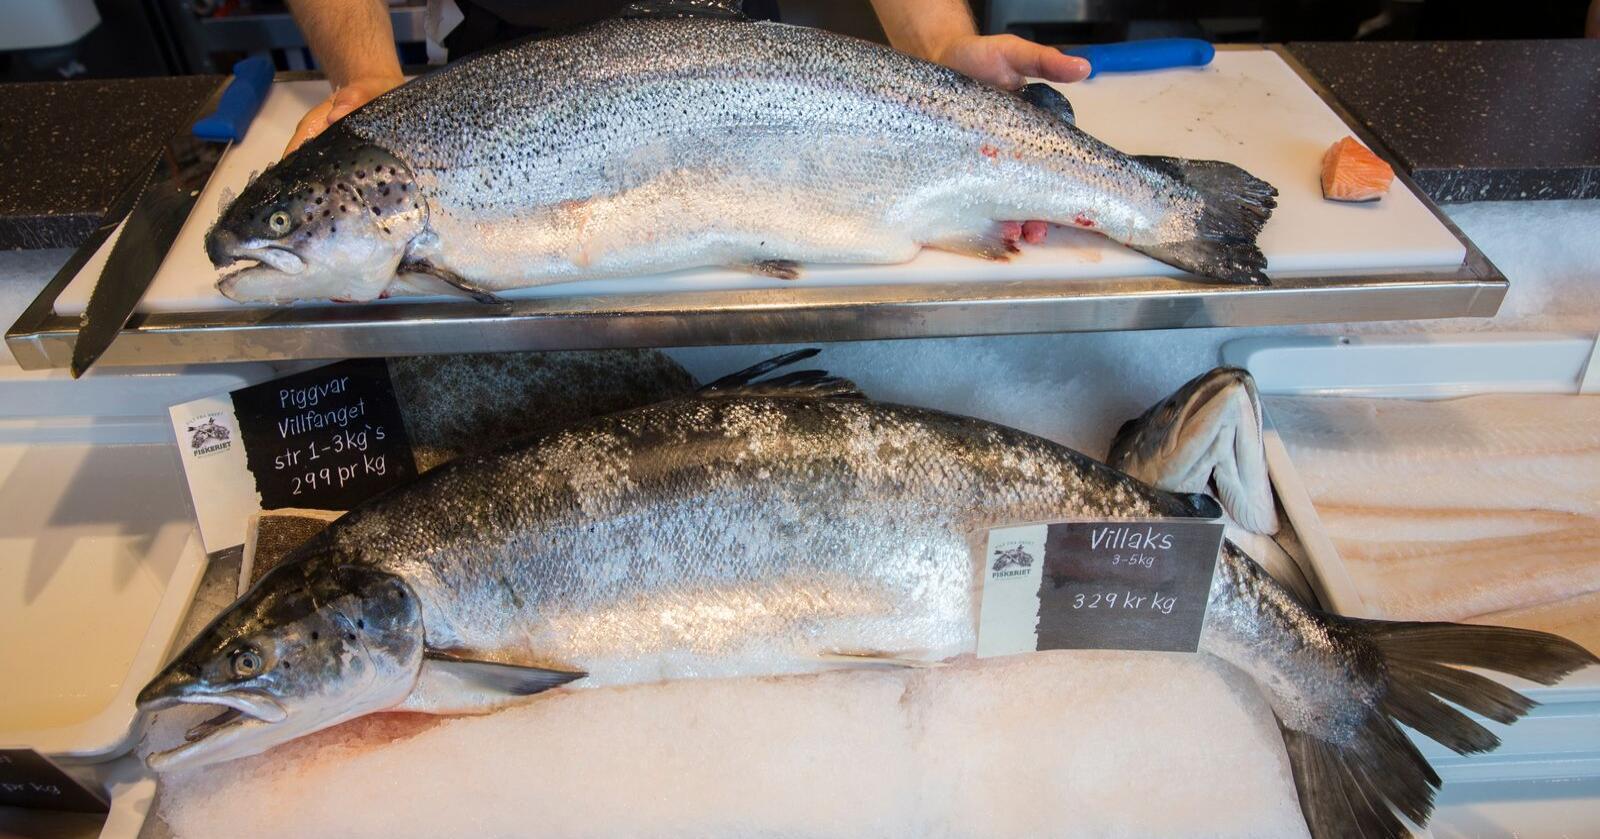 Norsk sjømat møter strengere krav til dokumentasjon fra Kina som frykter spredning av koronasmitte via mat som skal serveres ubearbeidet. Foto: Berit Roald/NTB scanpix